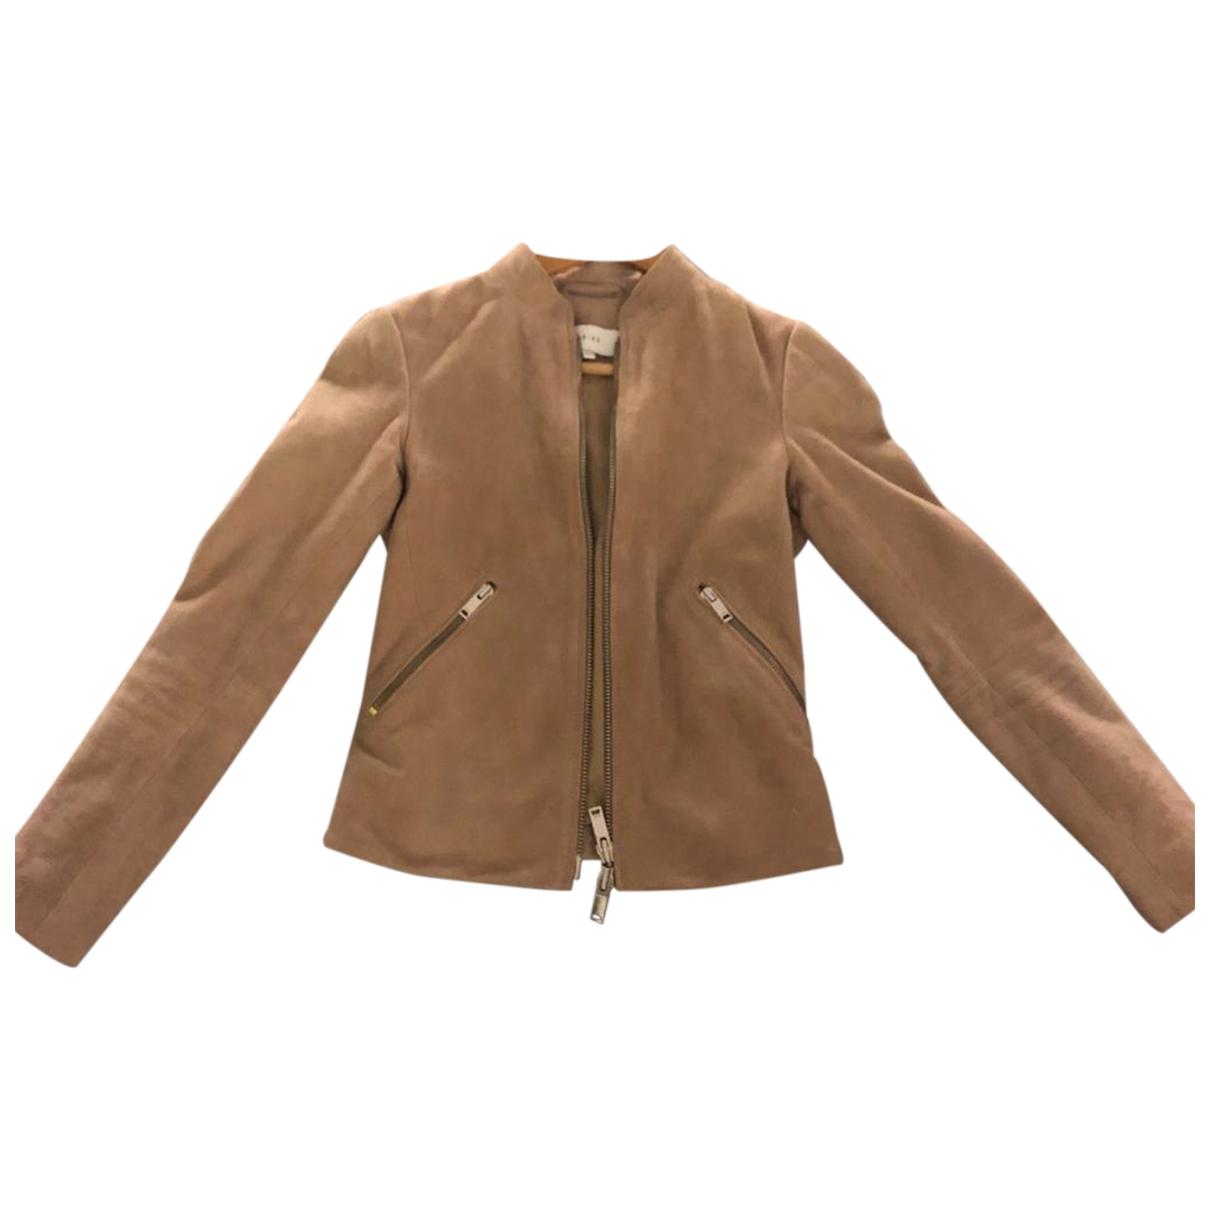 Reiss \N Beige Suede jacket for Women 4 UK